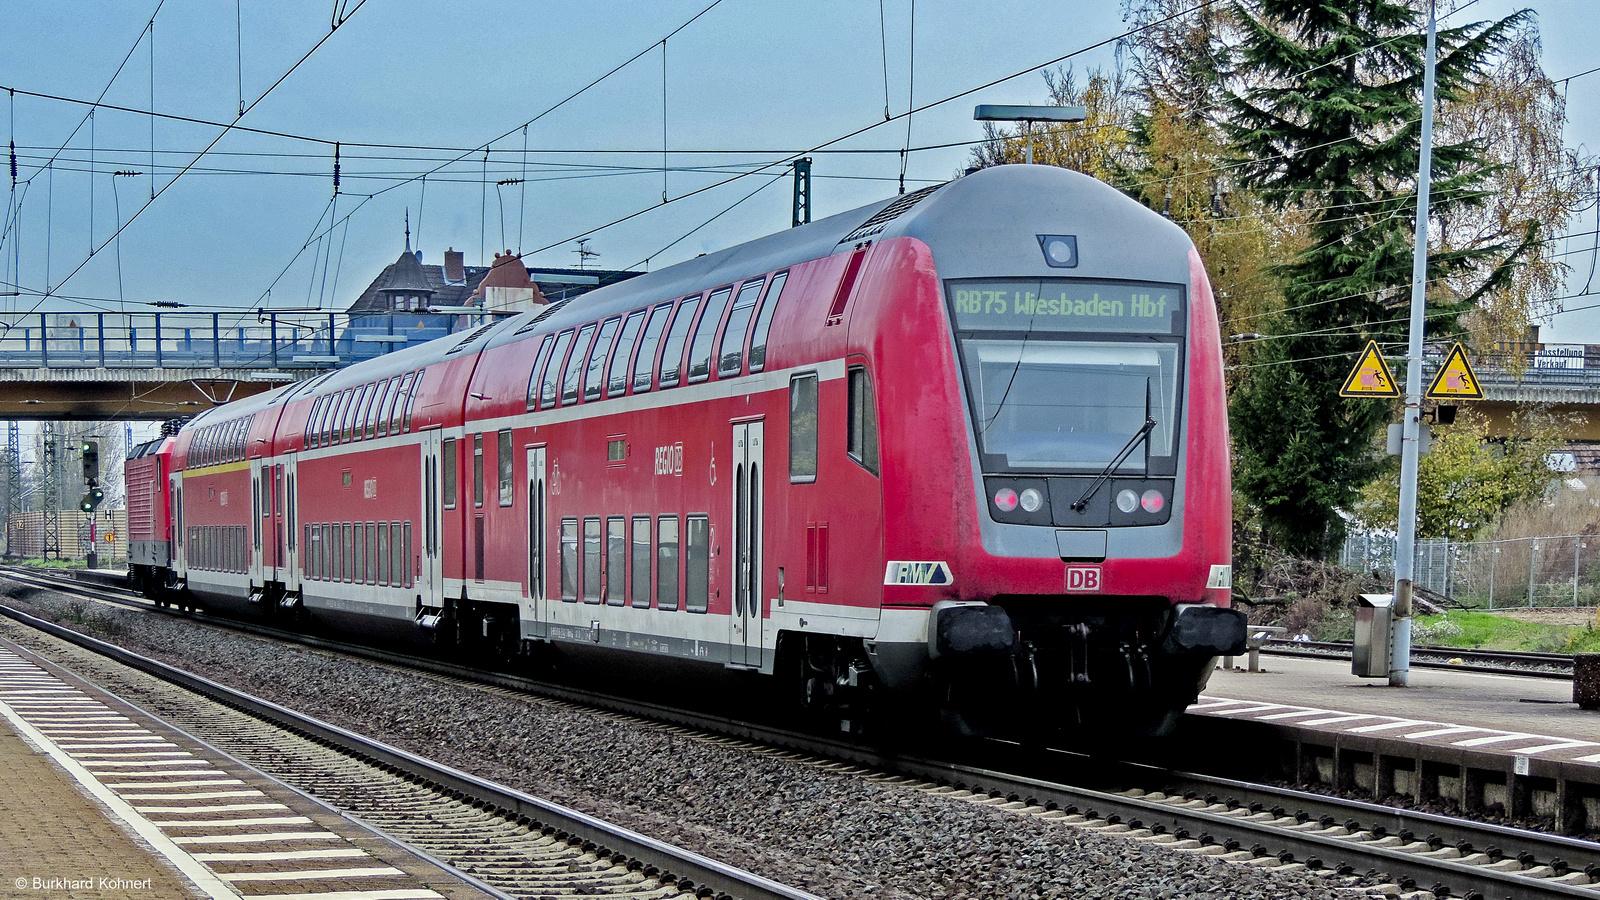 143 248 mit RB 75 im Bahnhof Groß-Gerau am 18.11.2013